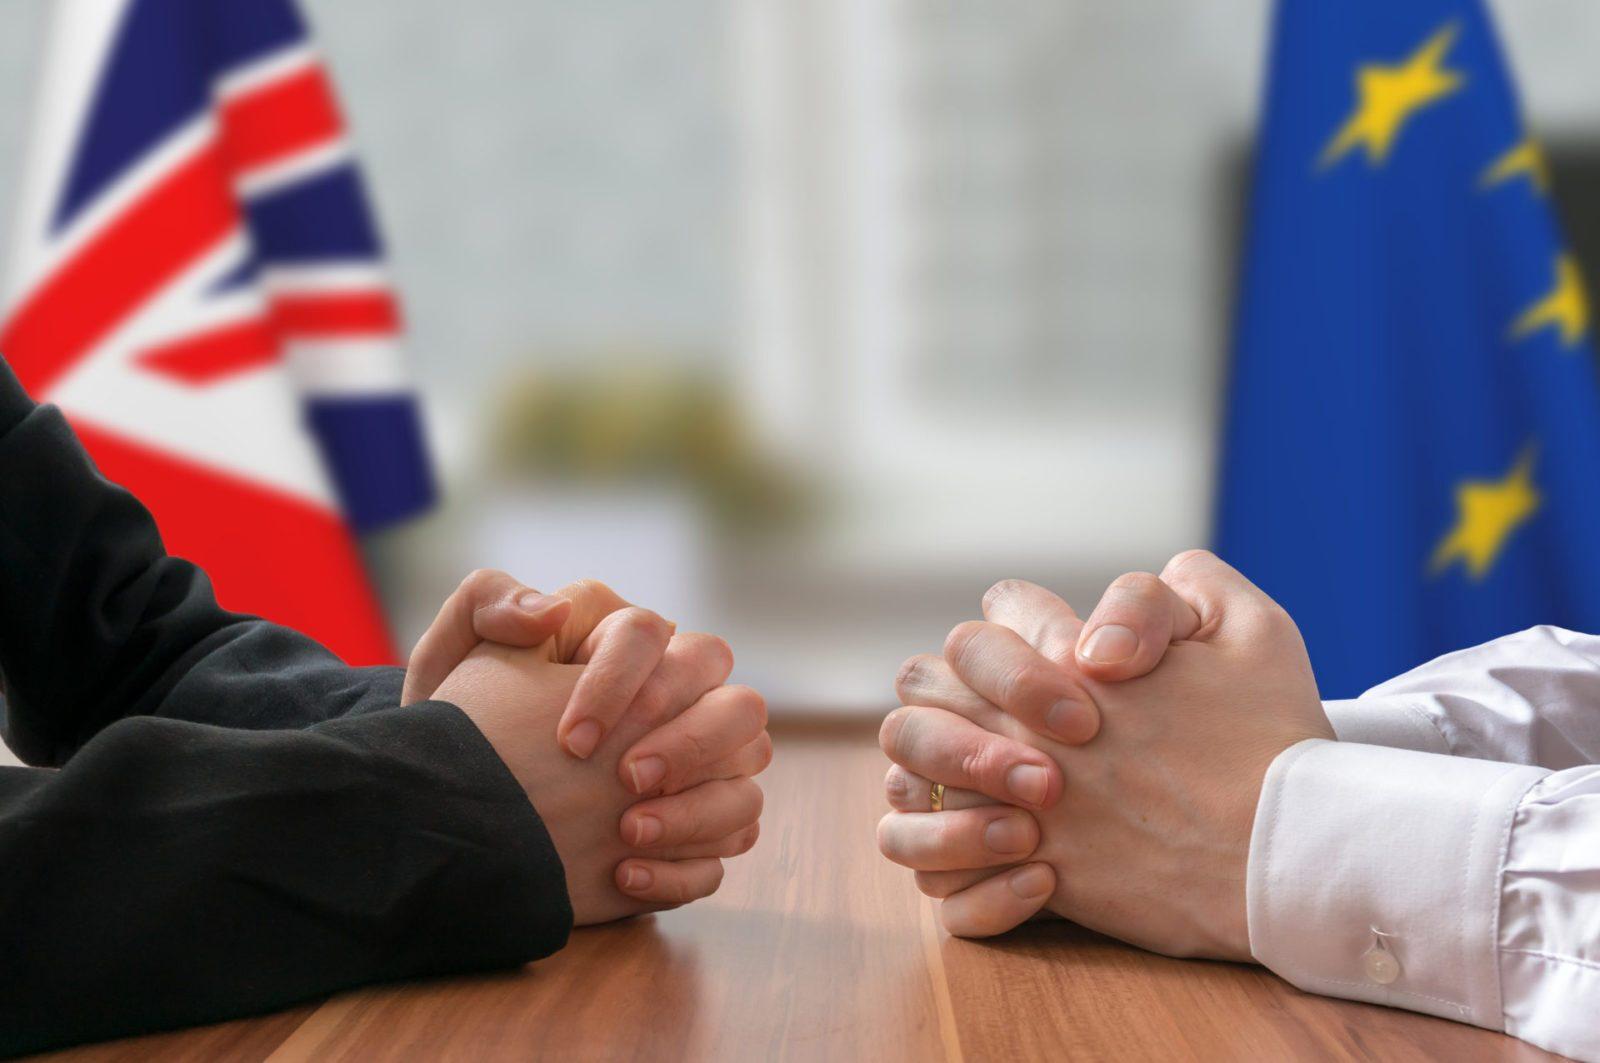 UK EU negotiations